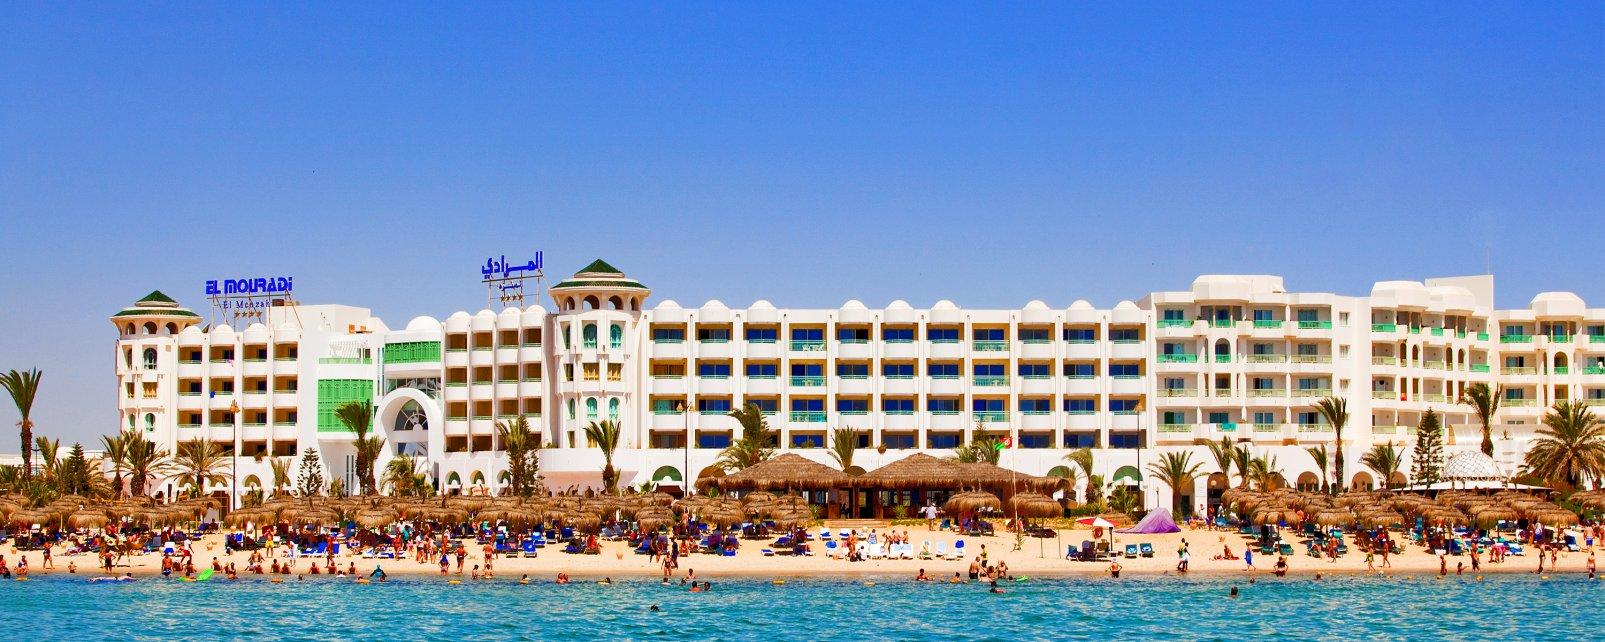 Hôtel El Mouradi El Menzah